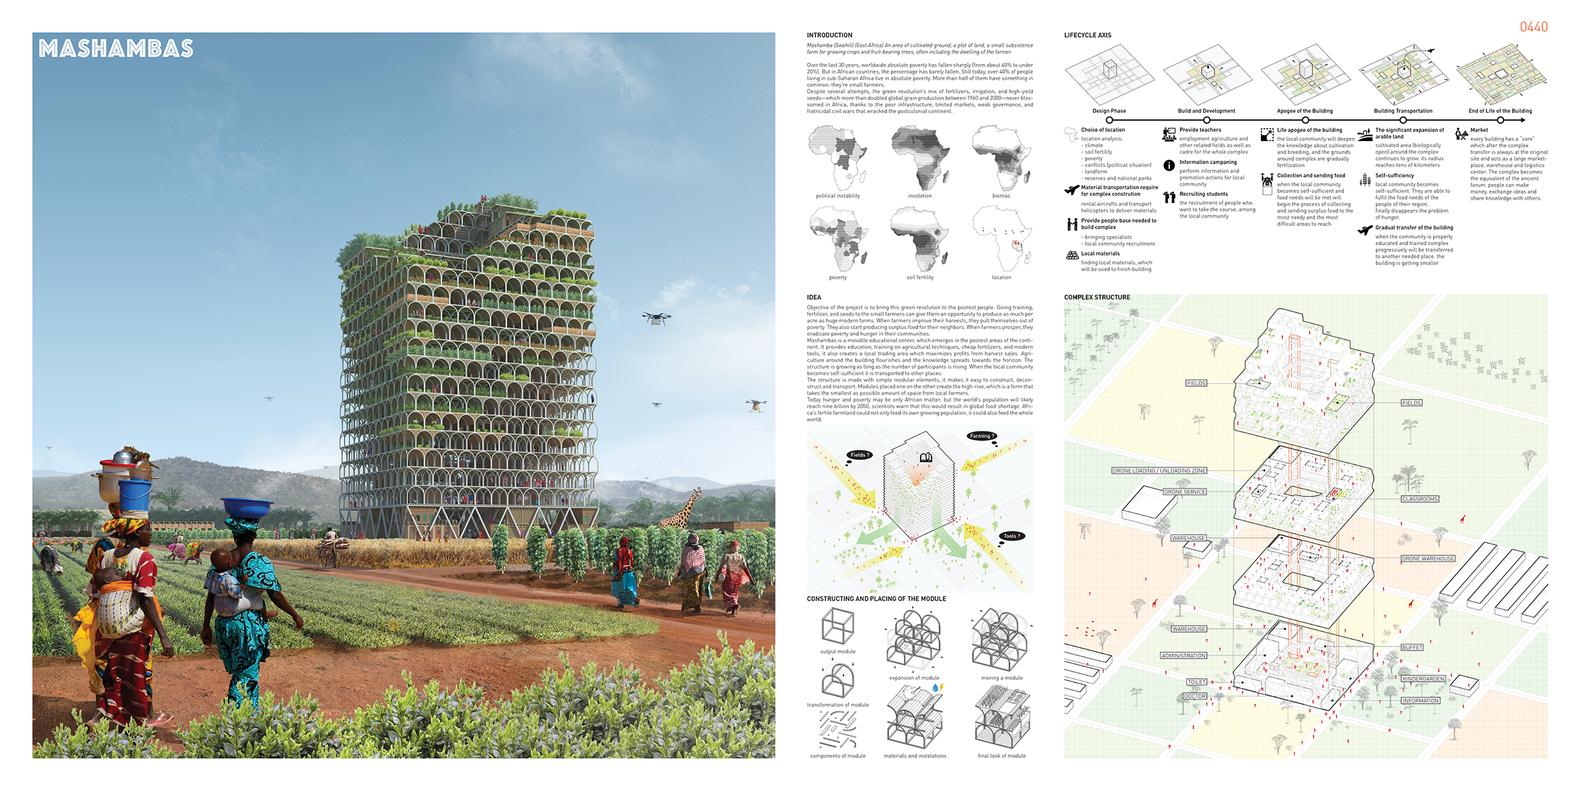 После того какобщина разбогатеет, небоскреб предложено разбирать иперевозить вдругое место Восточной Африки, гдежителям нехватает ресурсов дляэффективного ведения хозяйства